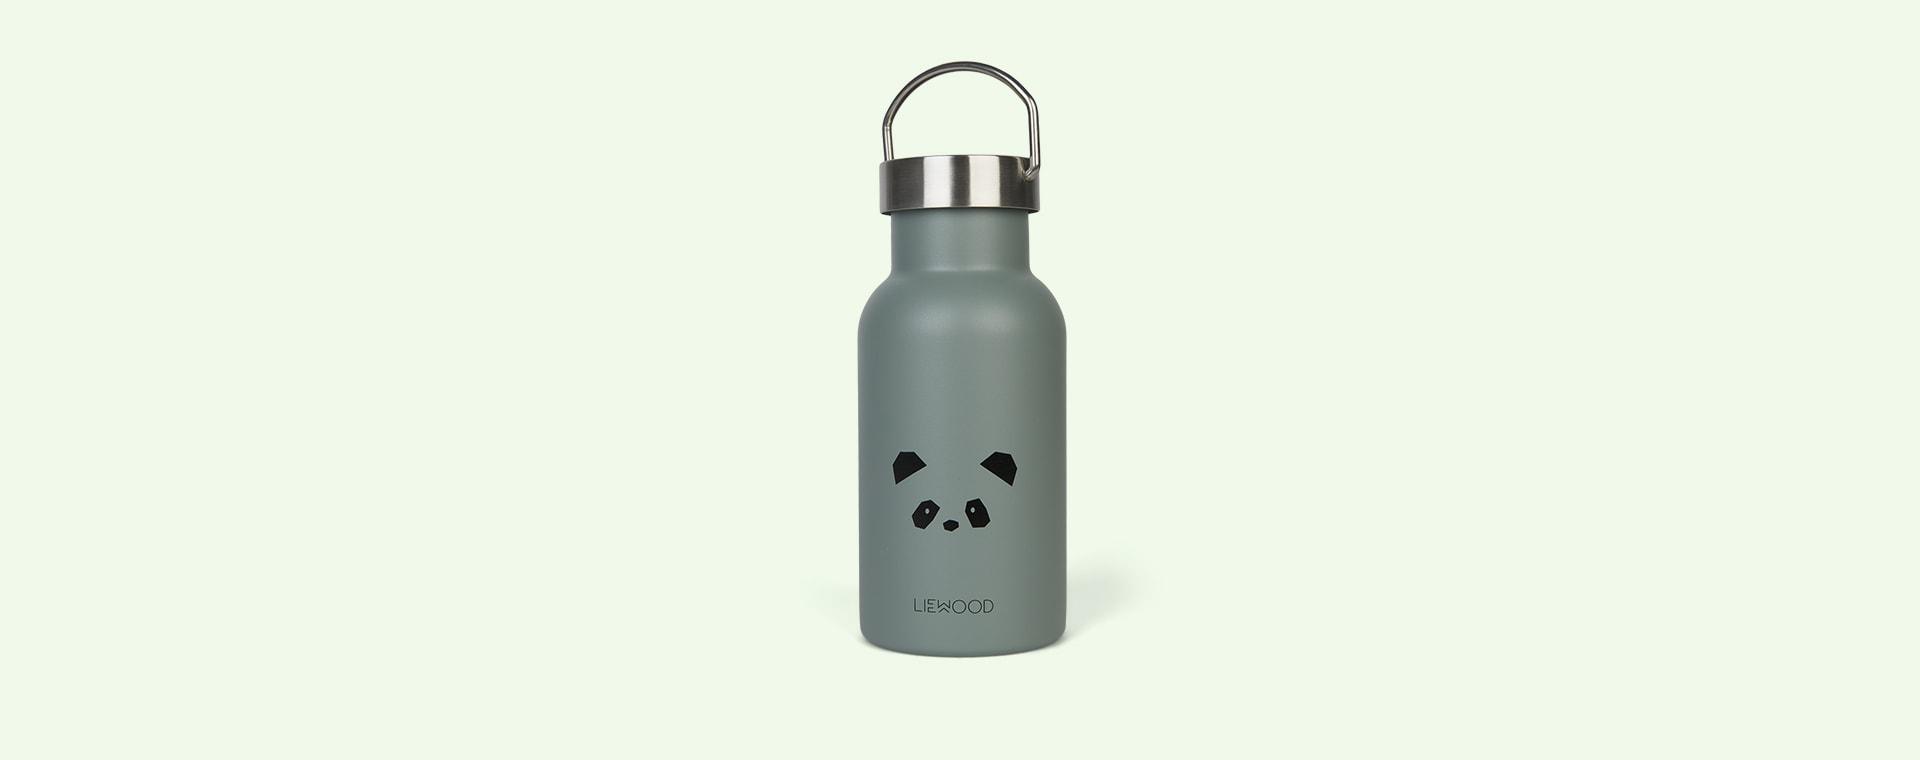 Panda peppermint Liewood Anker Water Bottle